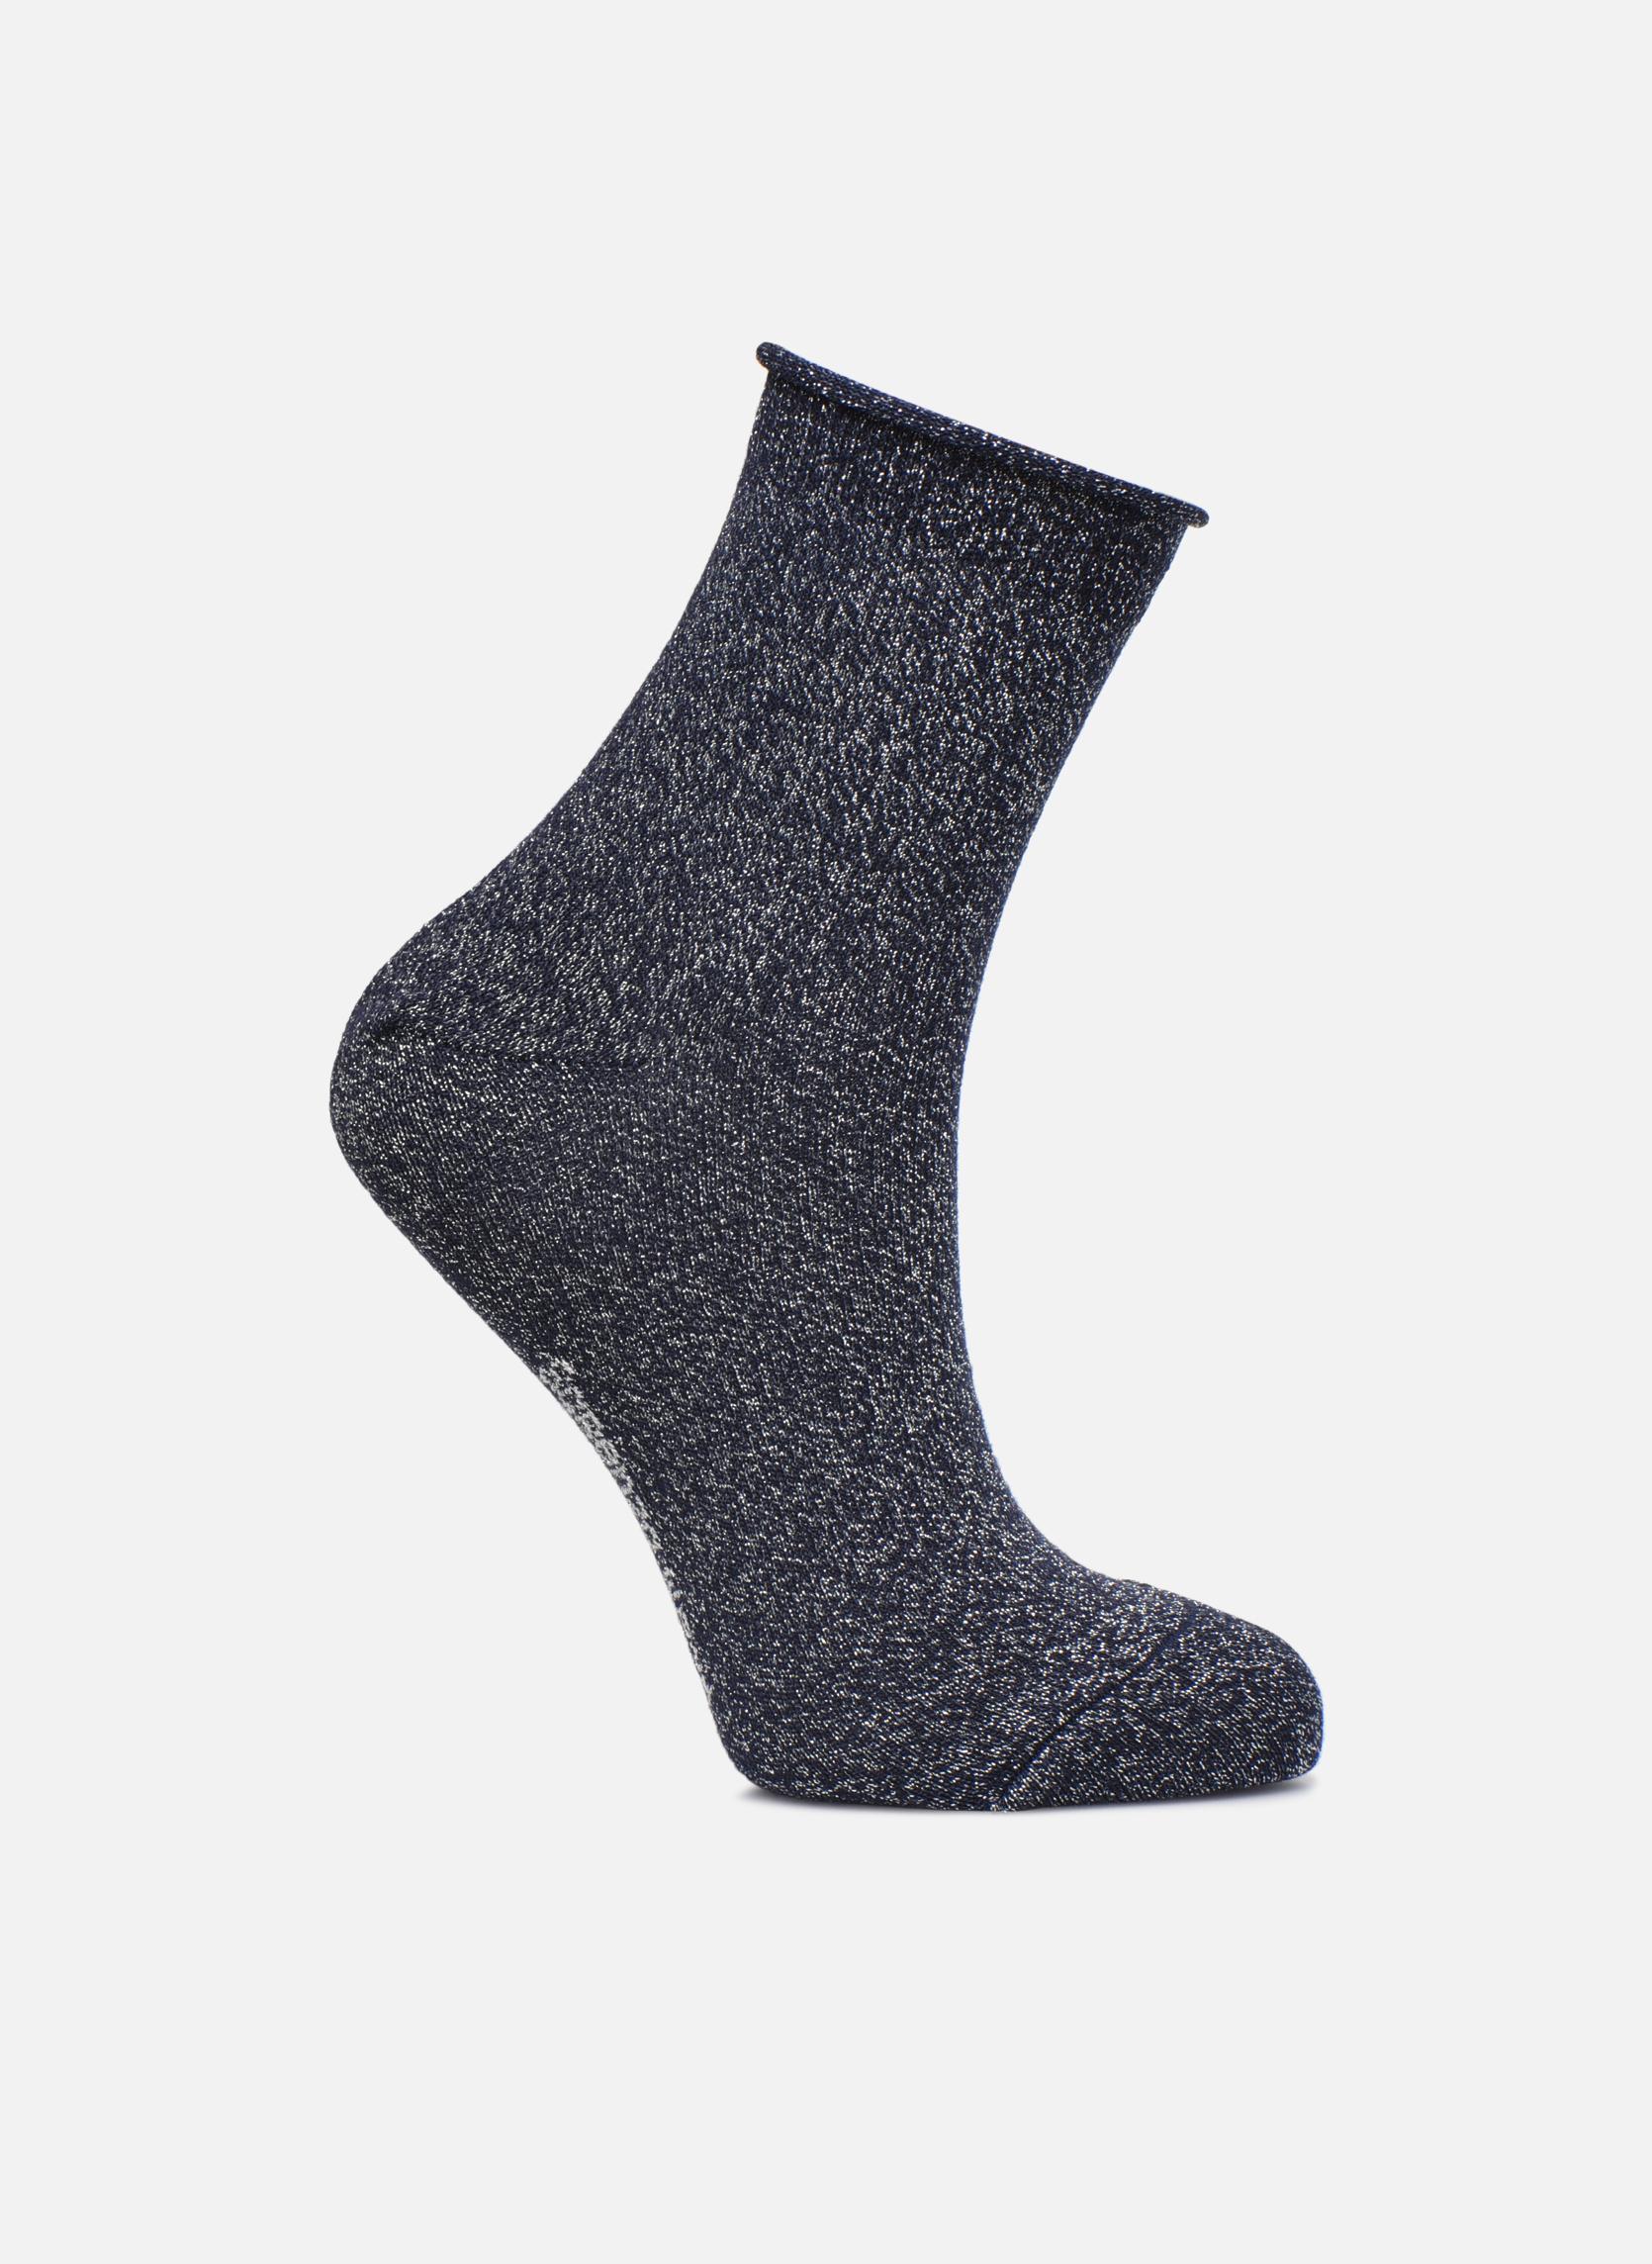 Sarenza Wear Chaussettes lurex Femme Coton / Lurex